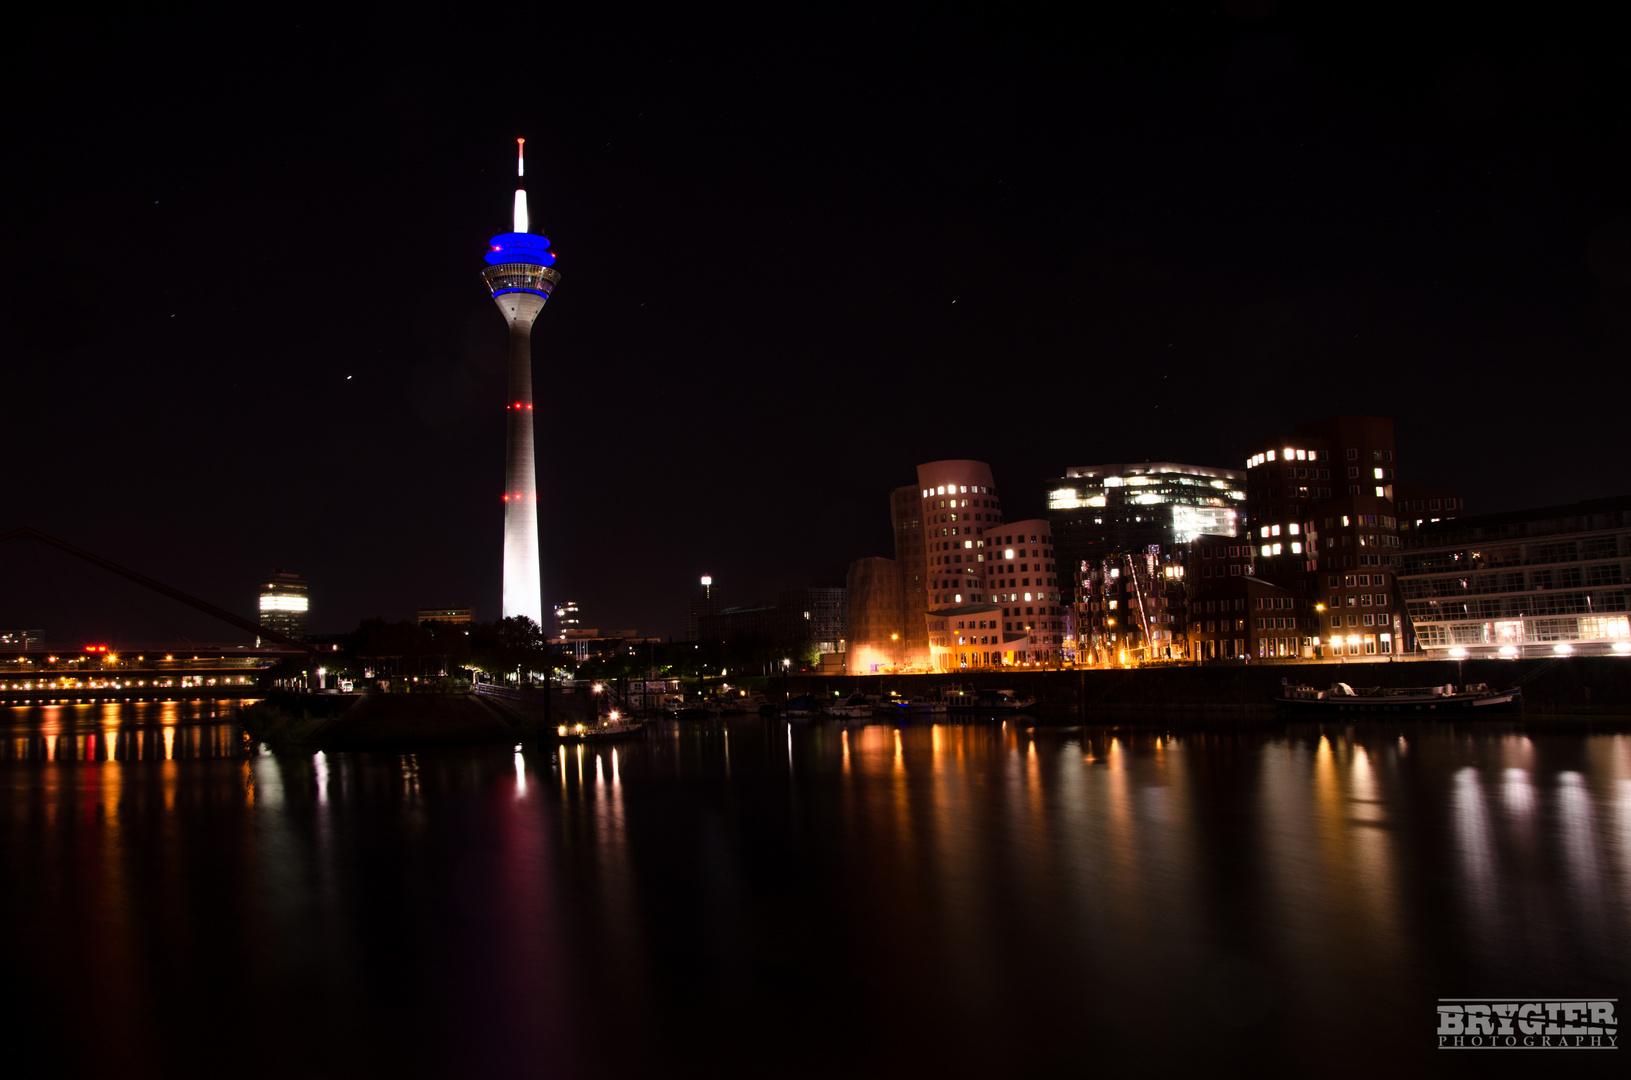 Düsseldorf bei Nacht!